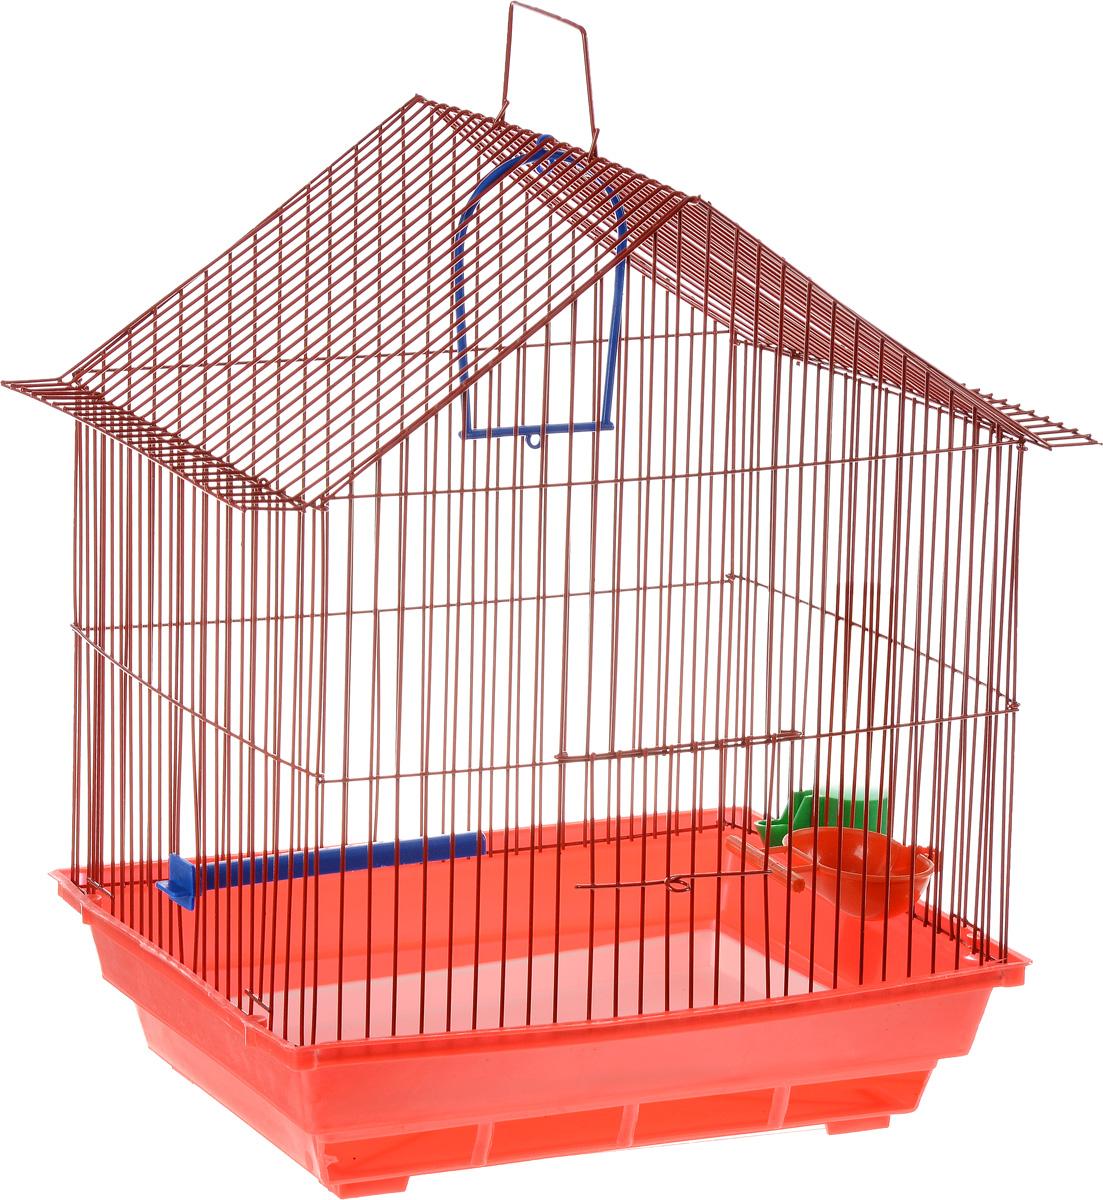 Клетка для птиц ЗооМарк, цвет: красный поддон, красная решетка, 39 х 28 х 42 см410_красныйКлетка ЗооМарк, выполненная из полипропилена и металла с эмалированным покрытием, предназначена для мелких птиц. Изделие состоит из большого поддона и решетки. Клетка снабжена металлической дверцей. В основании клетки находится малый поддон. Клетка удобна в использовании и легко чистится. Она оснащена кольцом для птицы, поилкой, кормушкой и подвижной ручкой для удобной переноски. Комплектация: - клетка с поддоном; - малый поддон; - поилка; - кормушка; - кольцо.